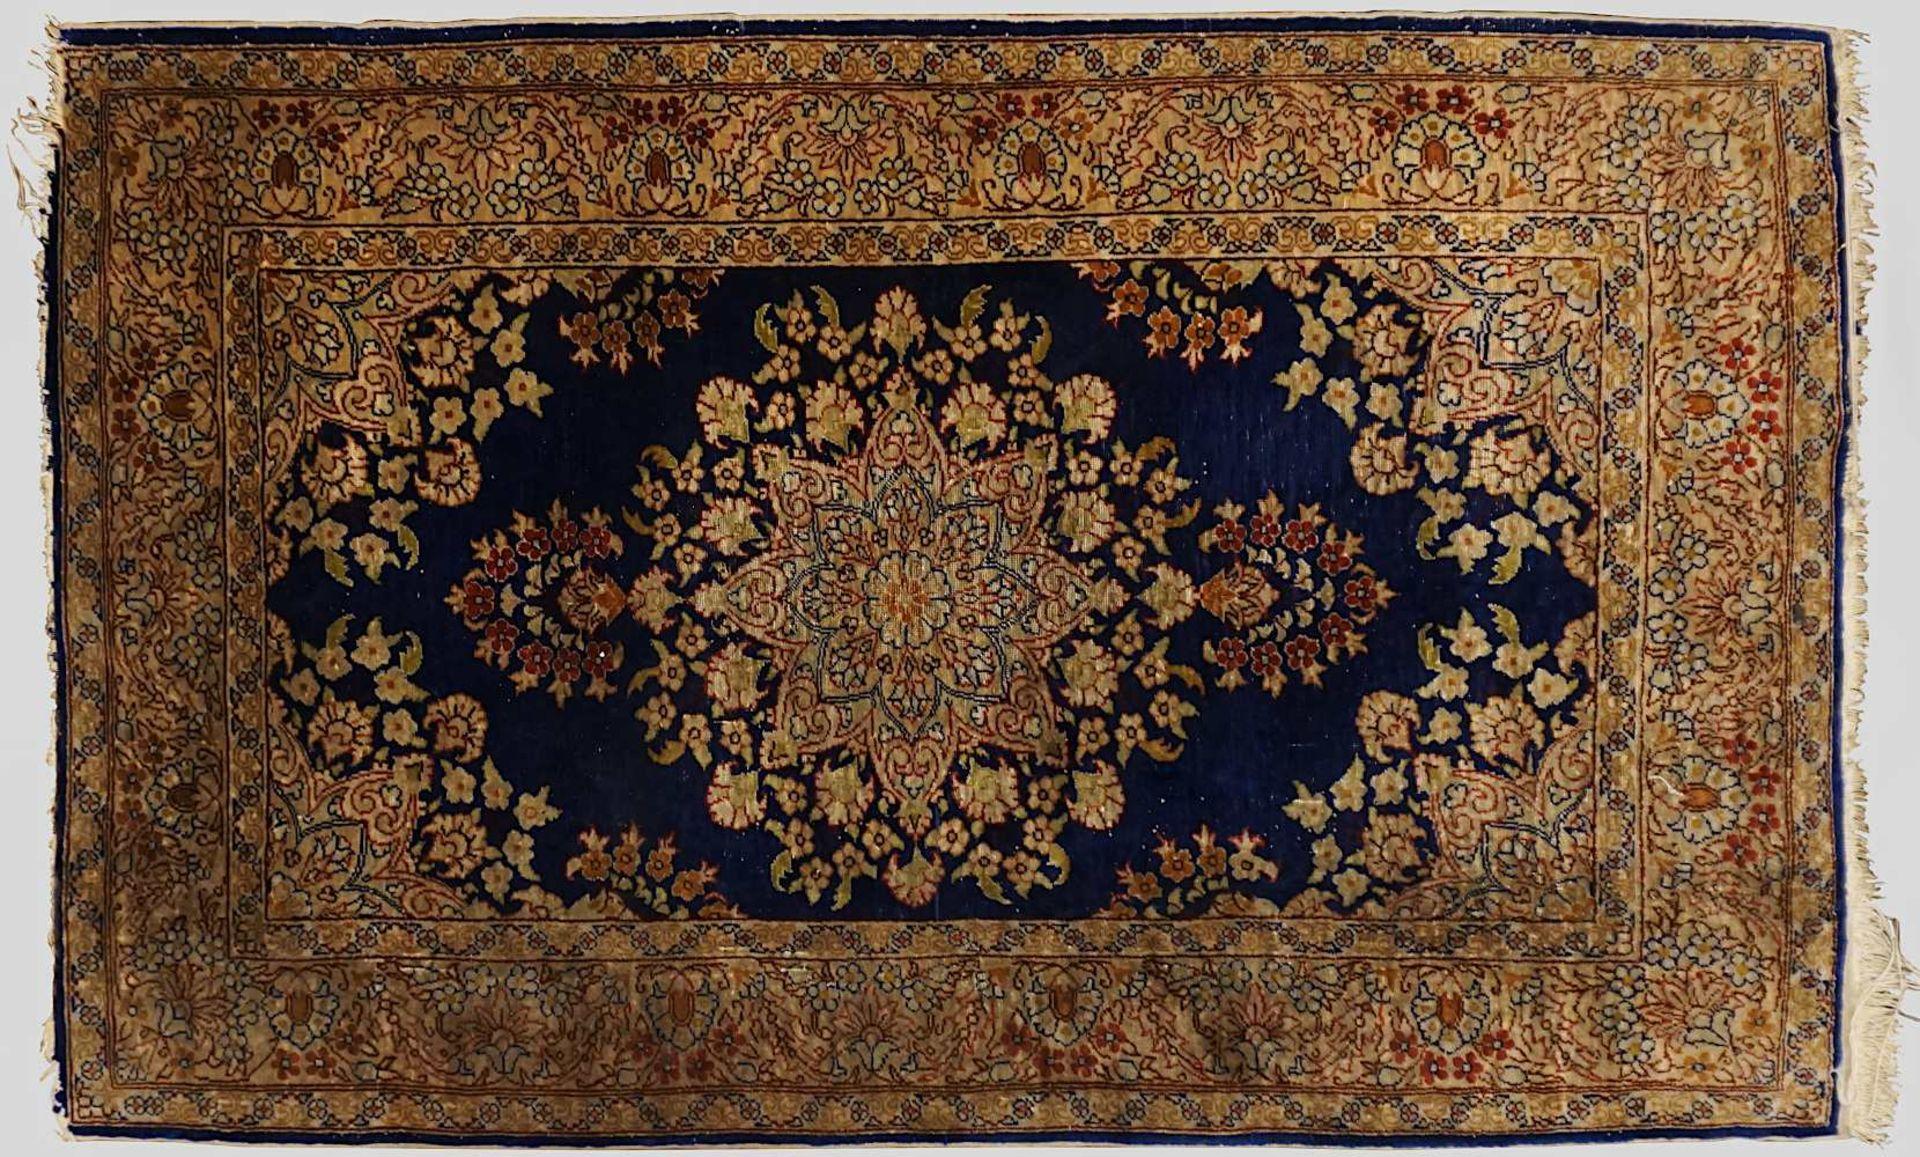 1 Konv. Orientteppiche/-brücken z.T. wohl ISFAHAN, Ägypten, 20. Jh. Mittelfeld beige - Bild 2 aus 3